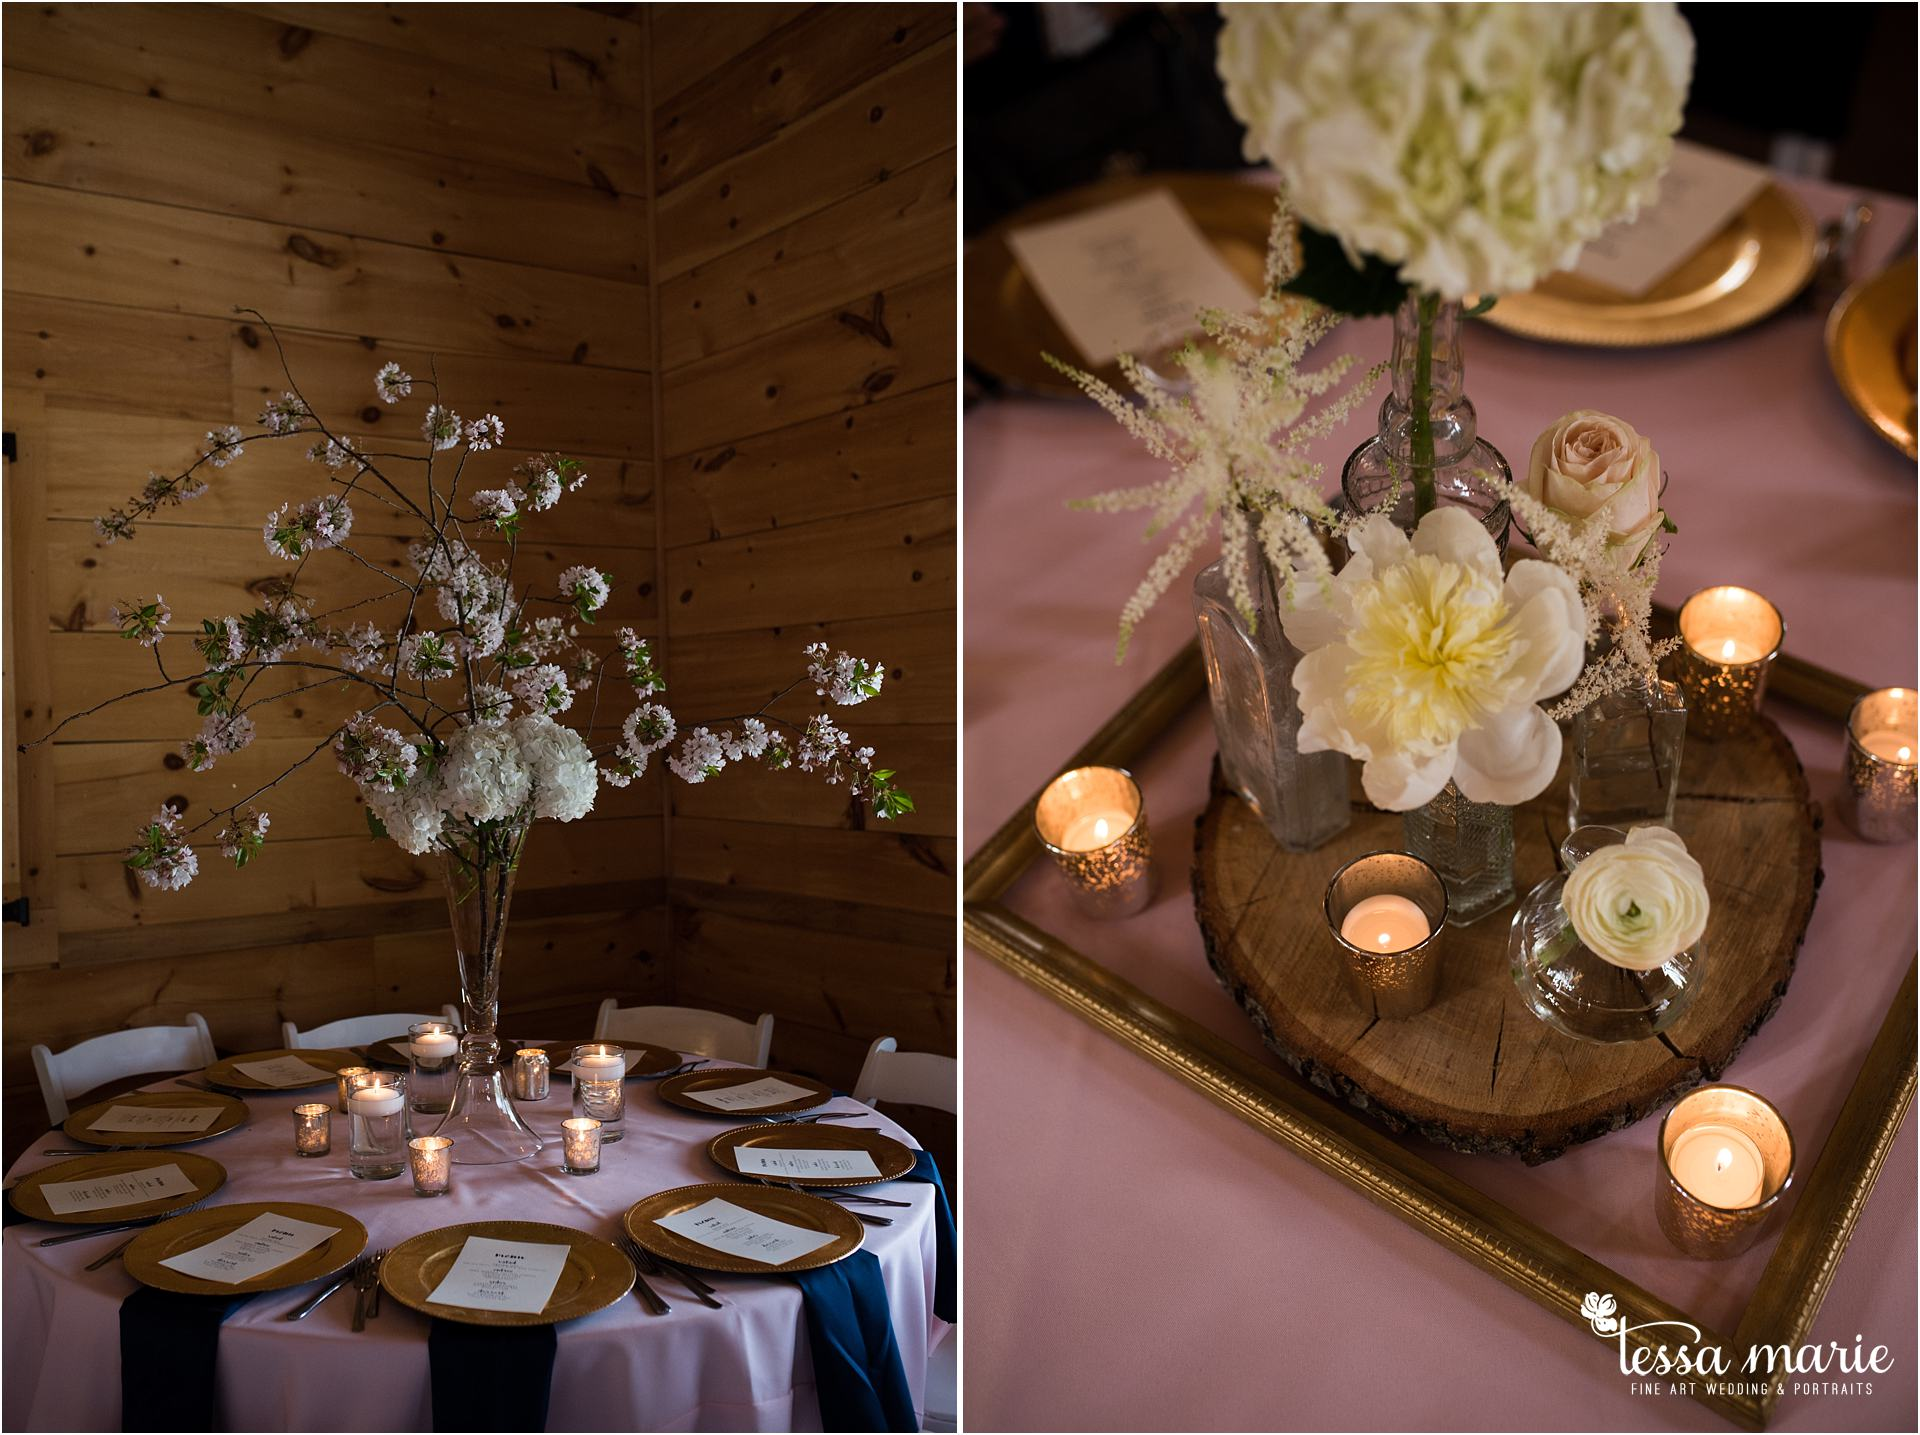 032216_brittany_kevin_wedding-144